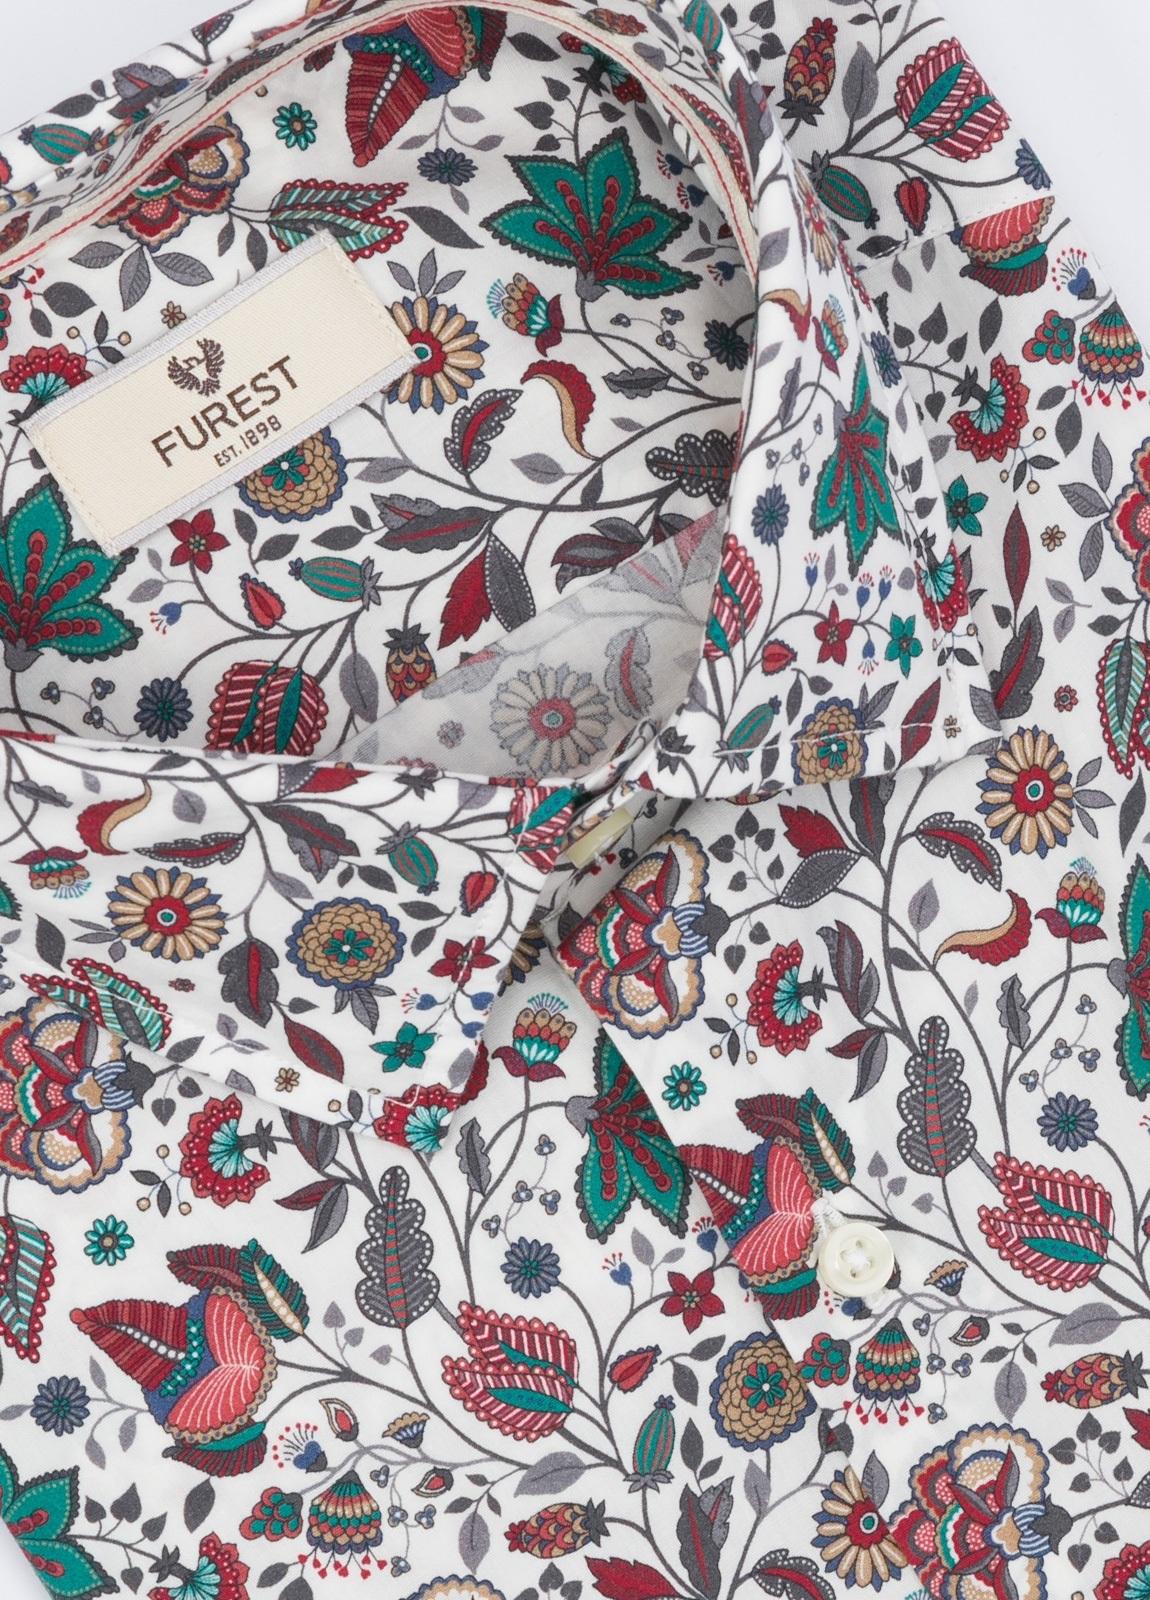 Camisa Leisure Wear SLIM FIT, modelo PORTO, estampado floral granate y verde, 100% algodón. - Ítem1